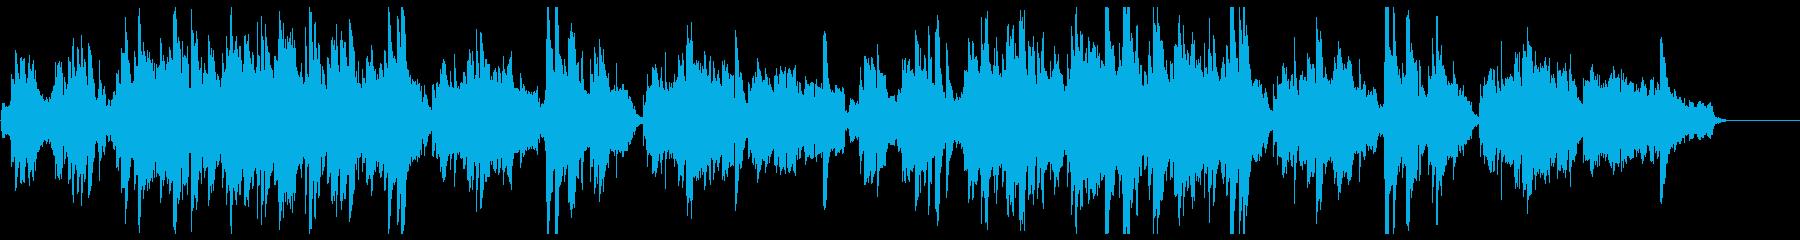 映像向けフルートとハープの切ないバラードの再生済みの波形